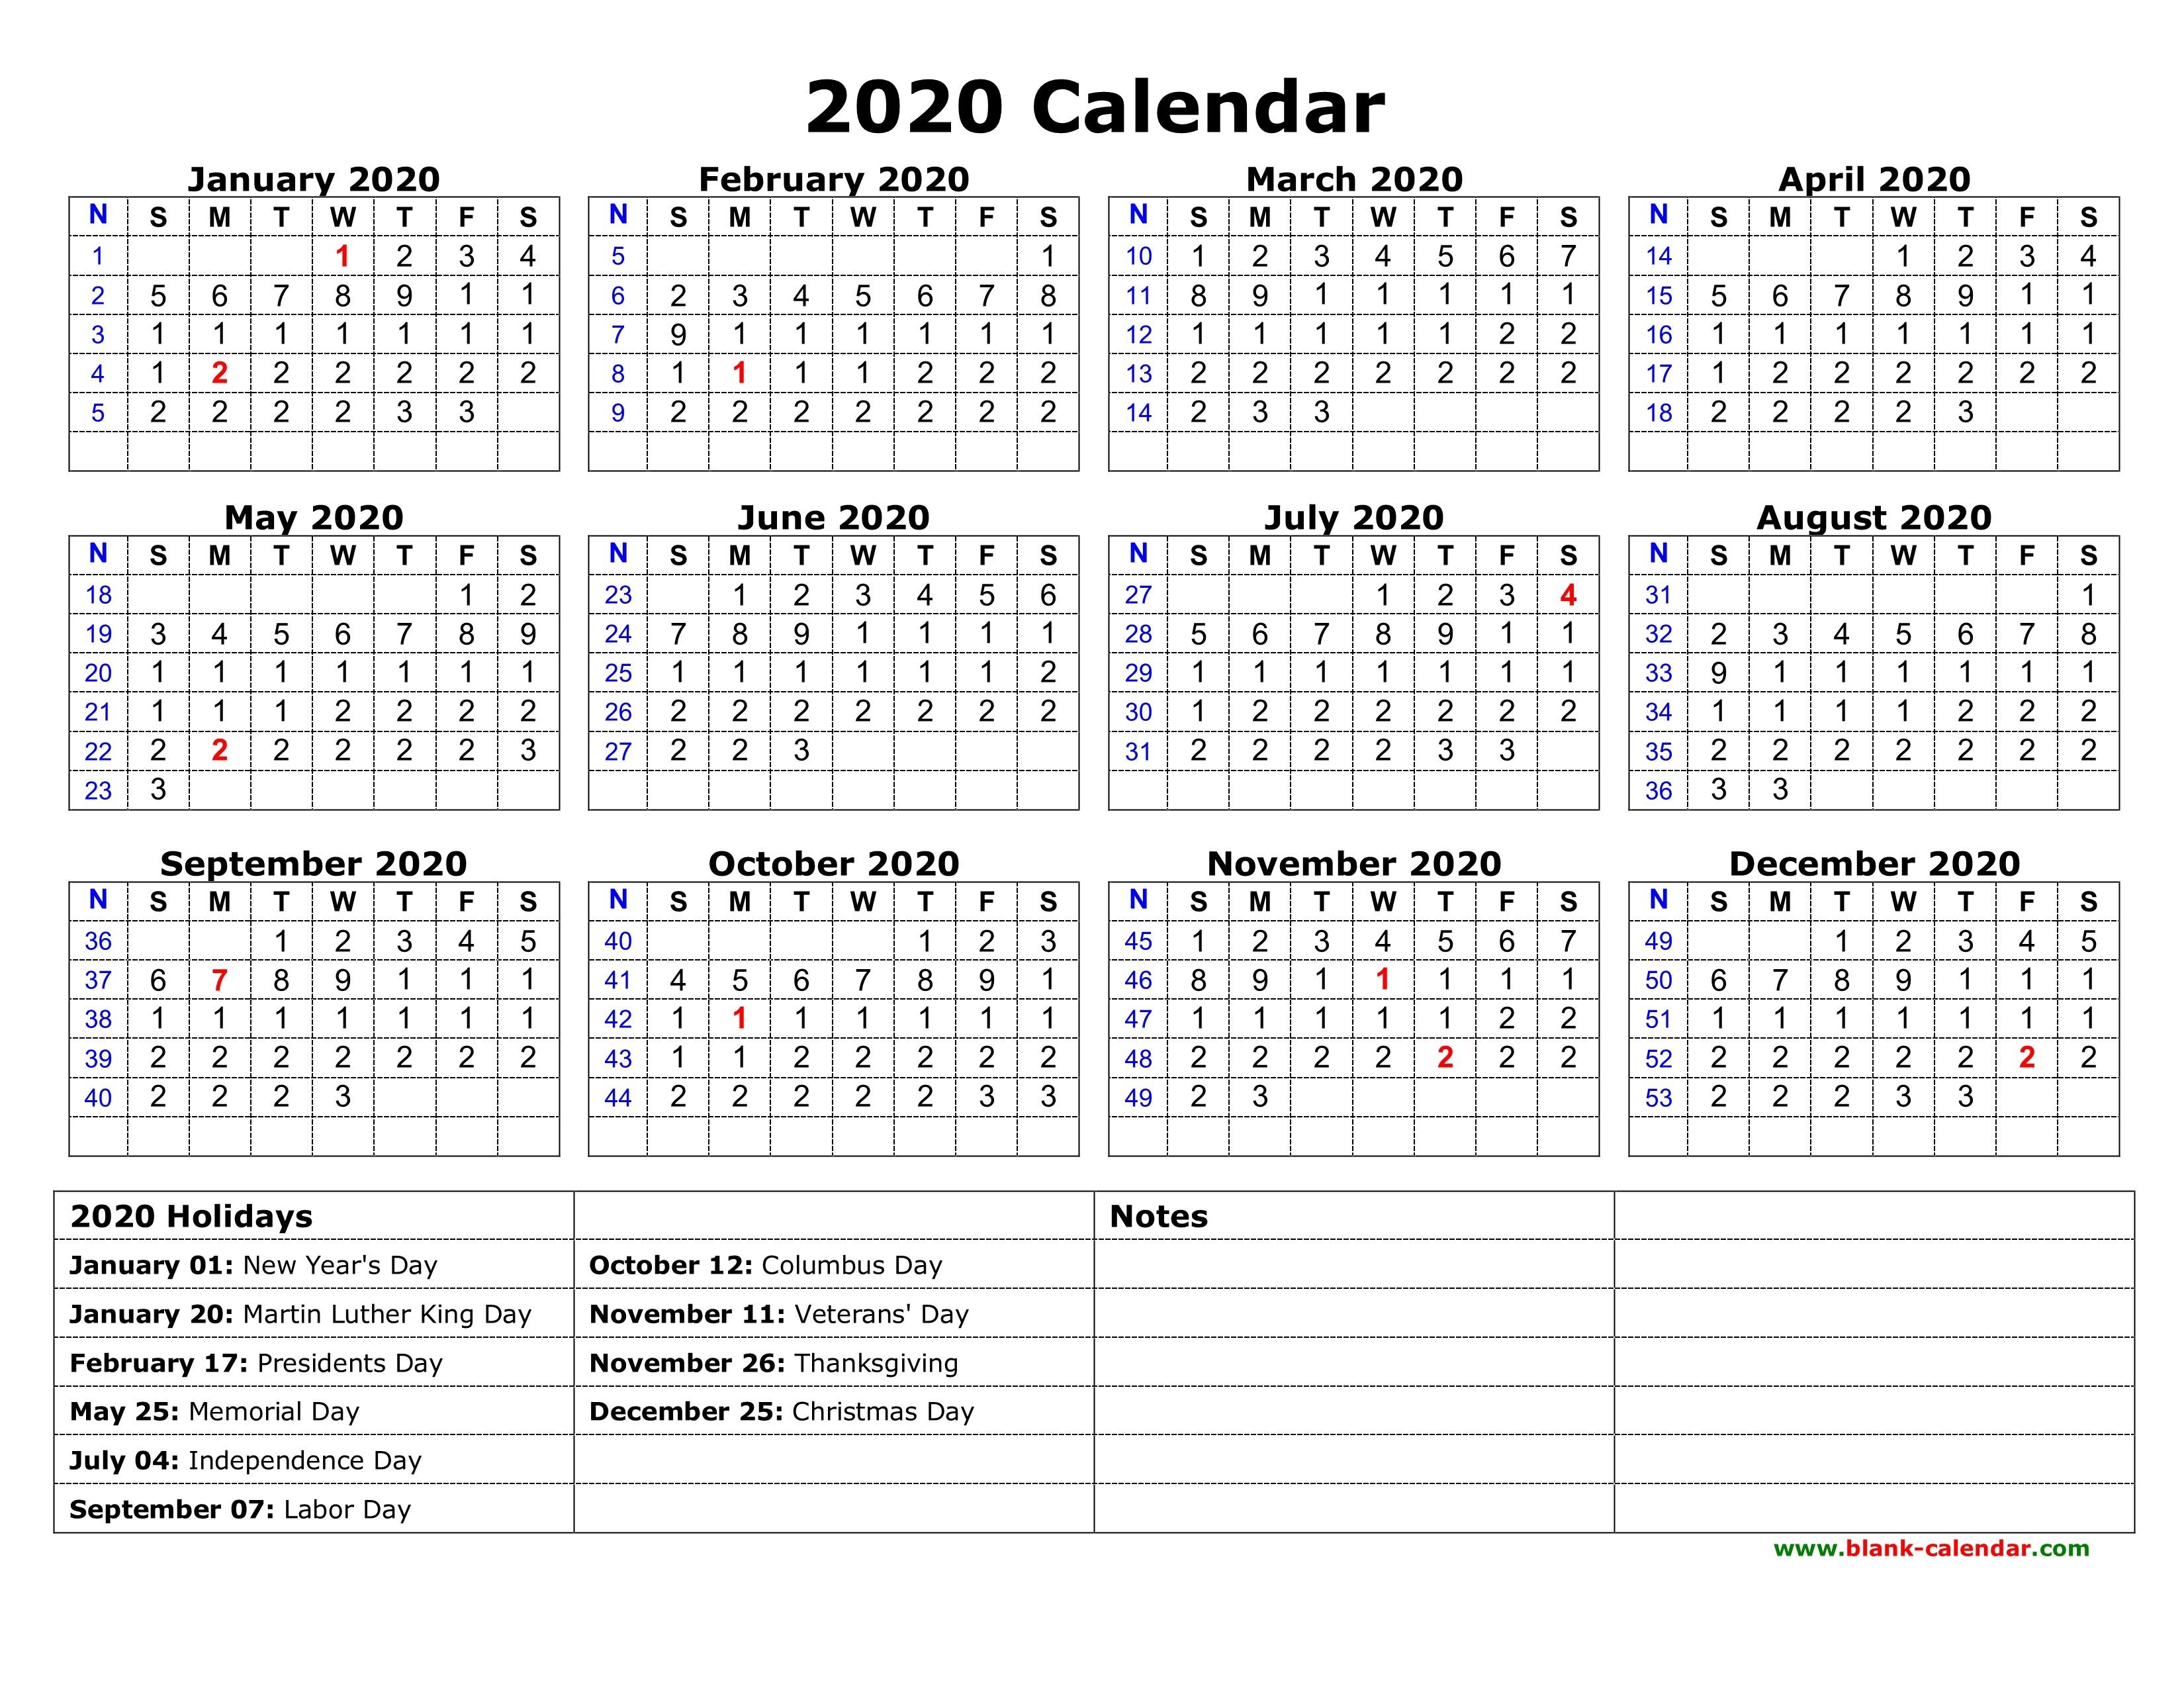 Calendar 2020 Printable With Holidays   Thekpark-Hadong